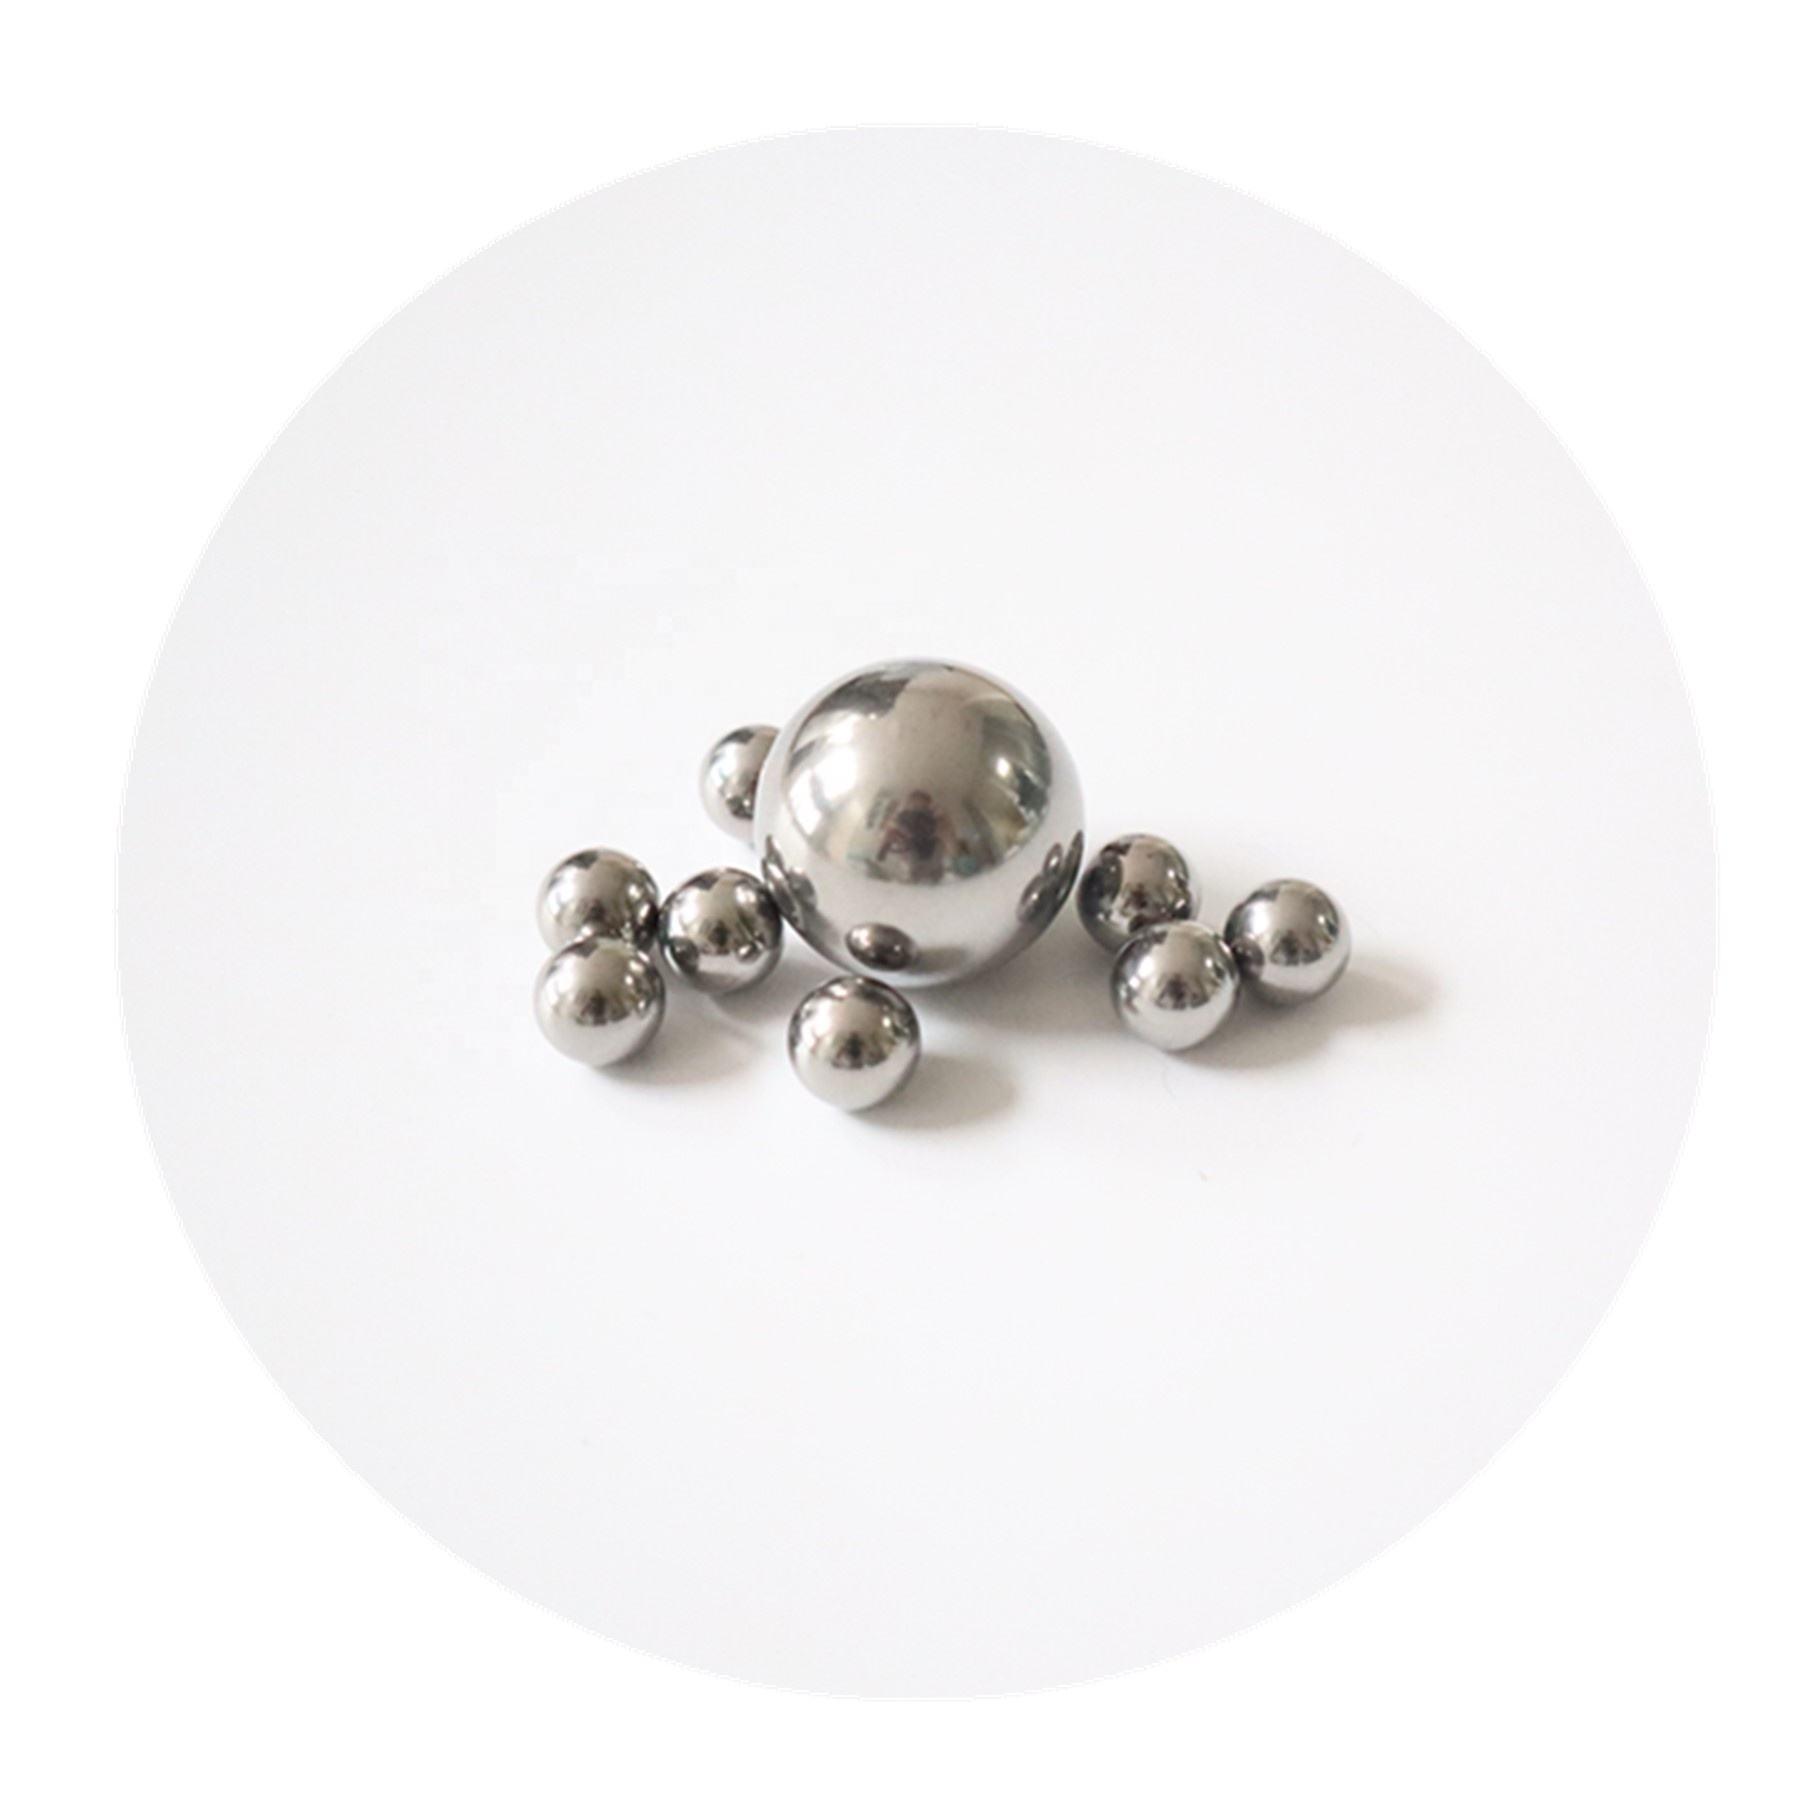 """3.175mm 1//8/"""" 201 Stainless Steel Loose Bearing Balls G100 Bearings 100 PCS"""